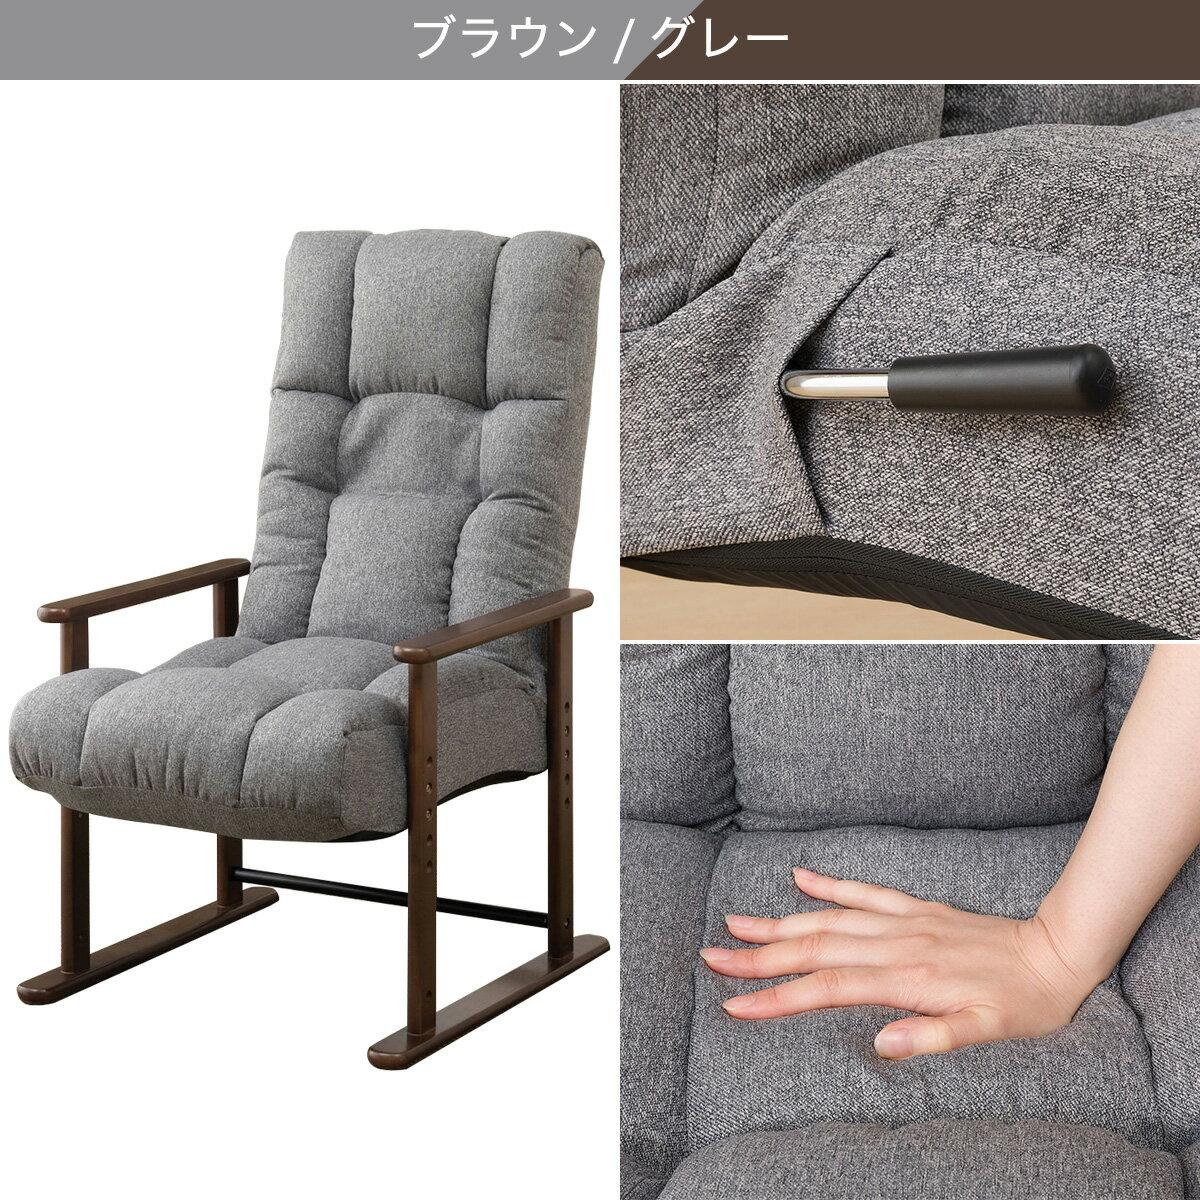 ニトリ『高座椅子ハイタイプ(Hオルガン3)』